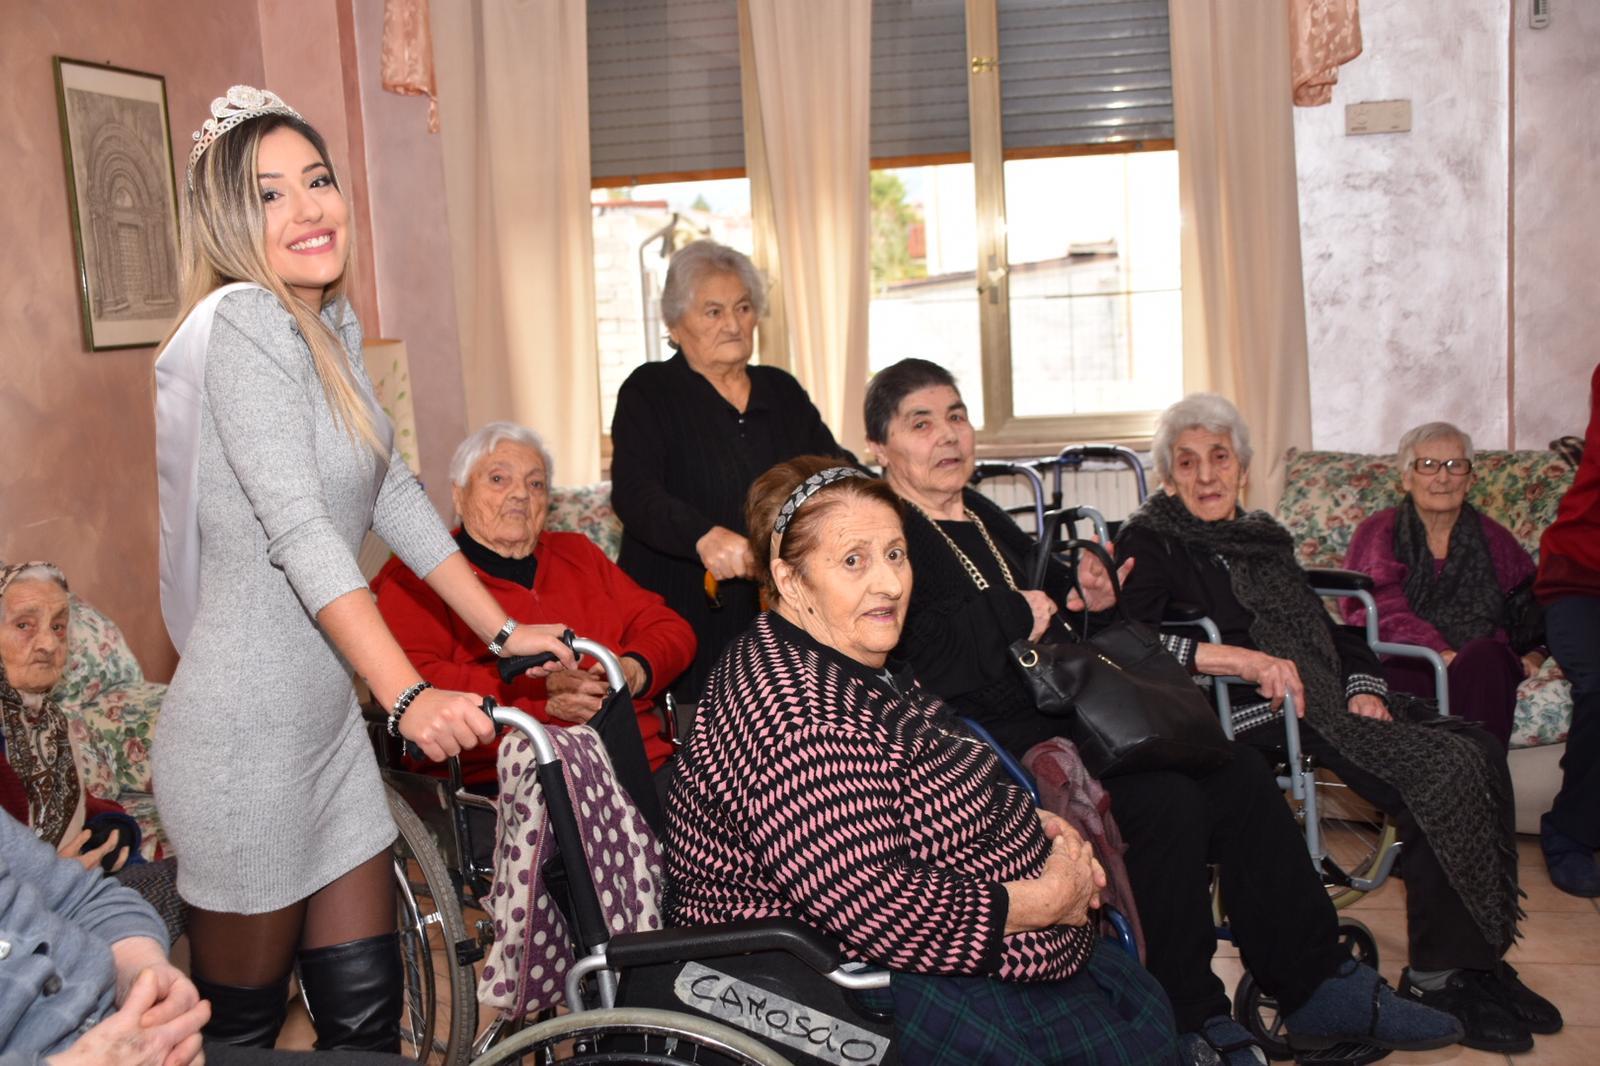 Miss Sorridi con Noi Emilia Lobene in visita alla casa di riposo di Trasacco